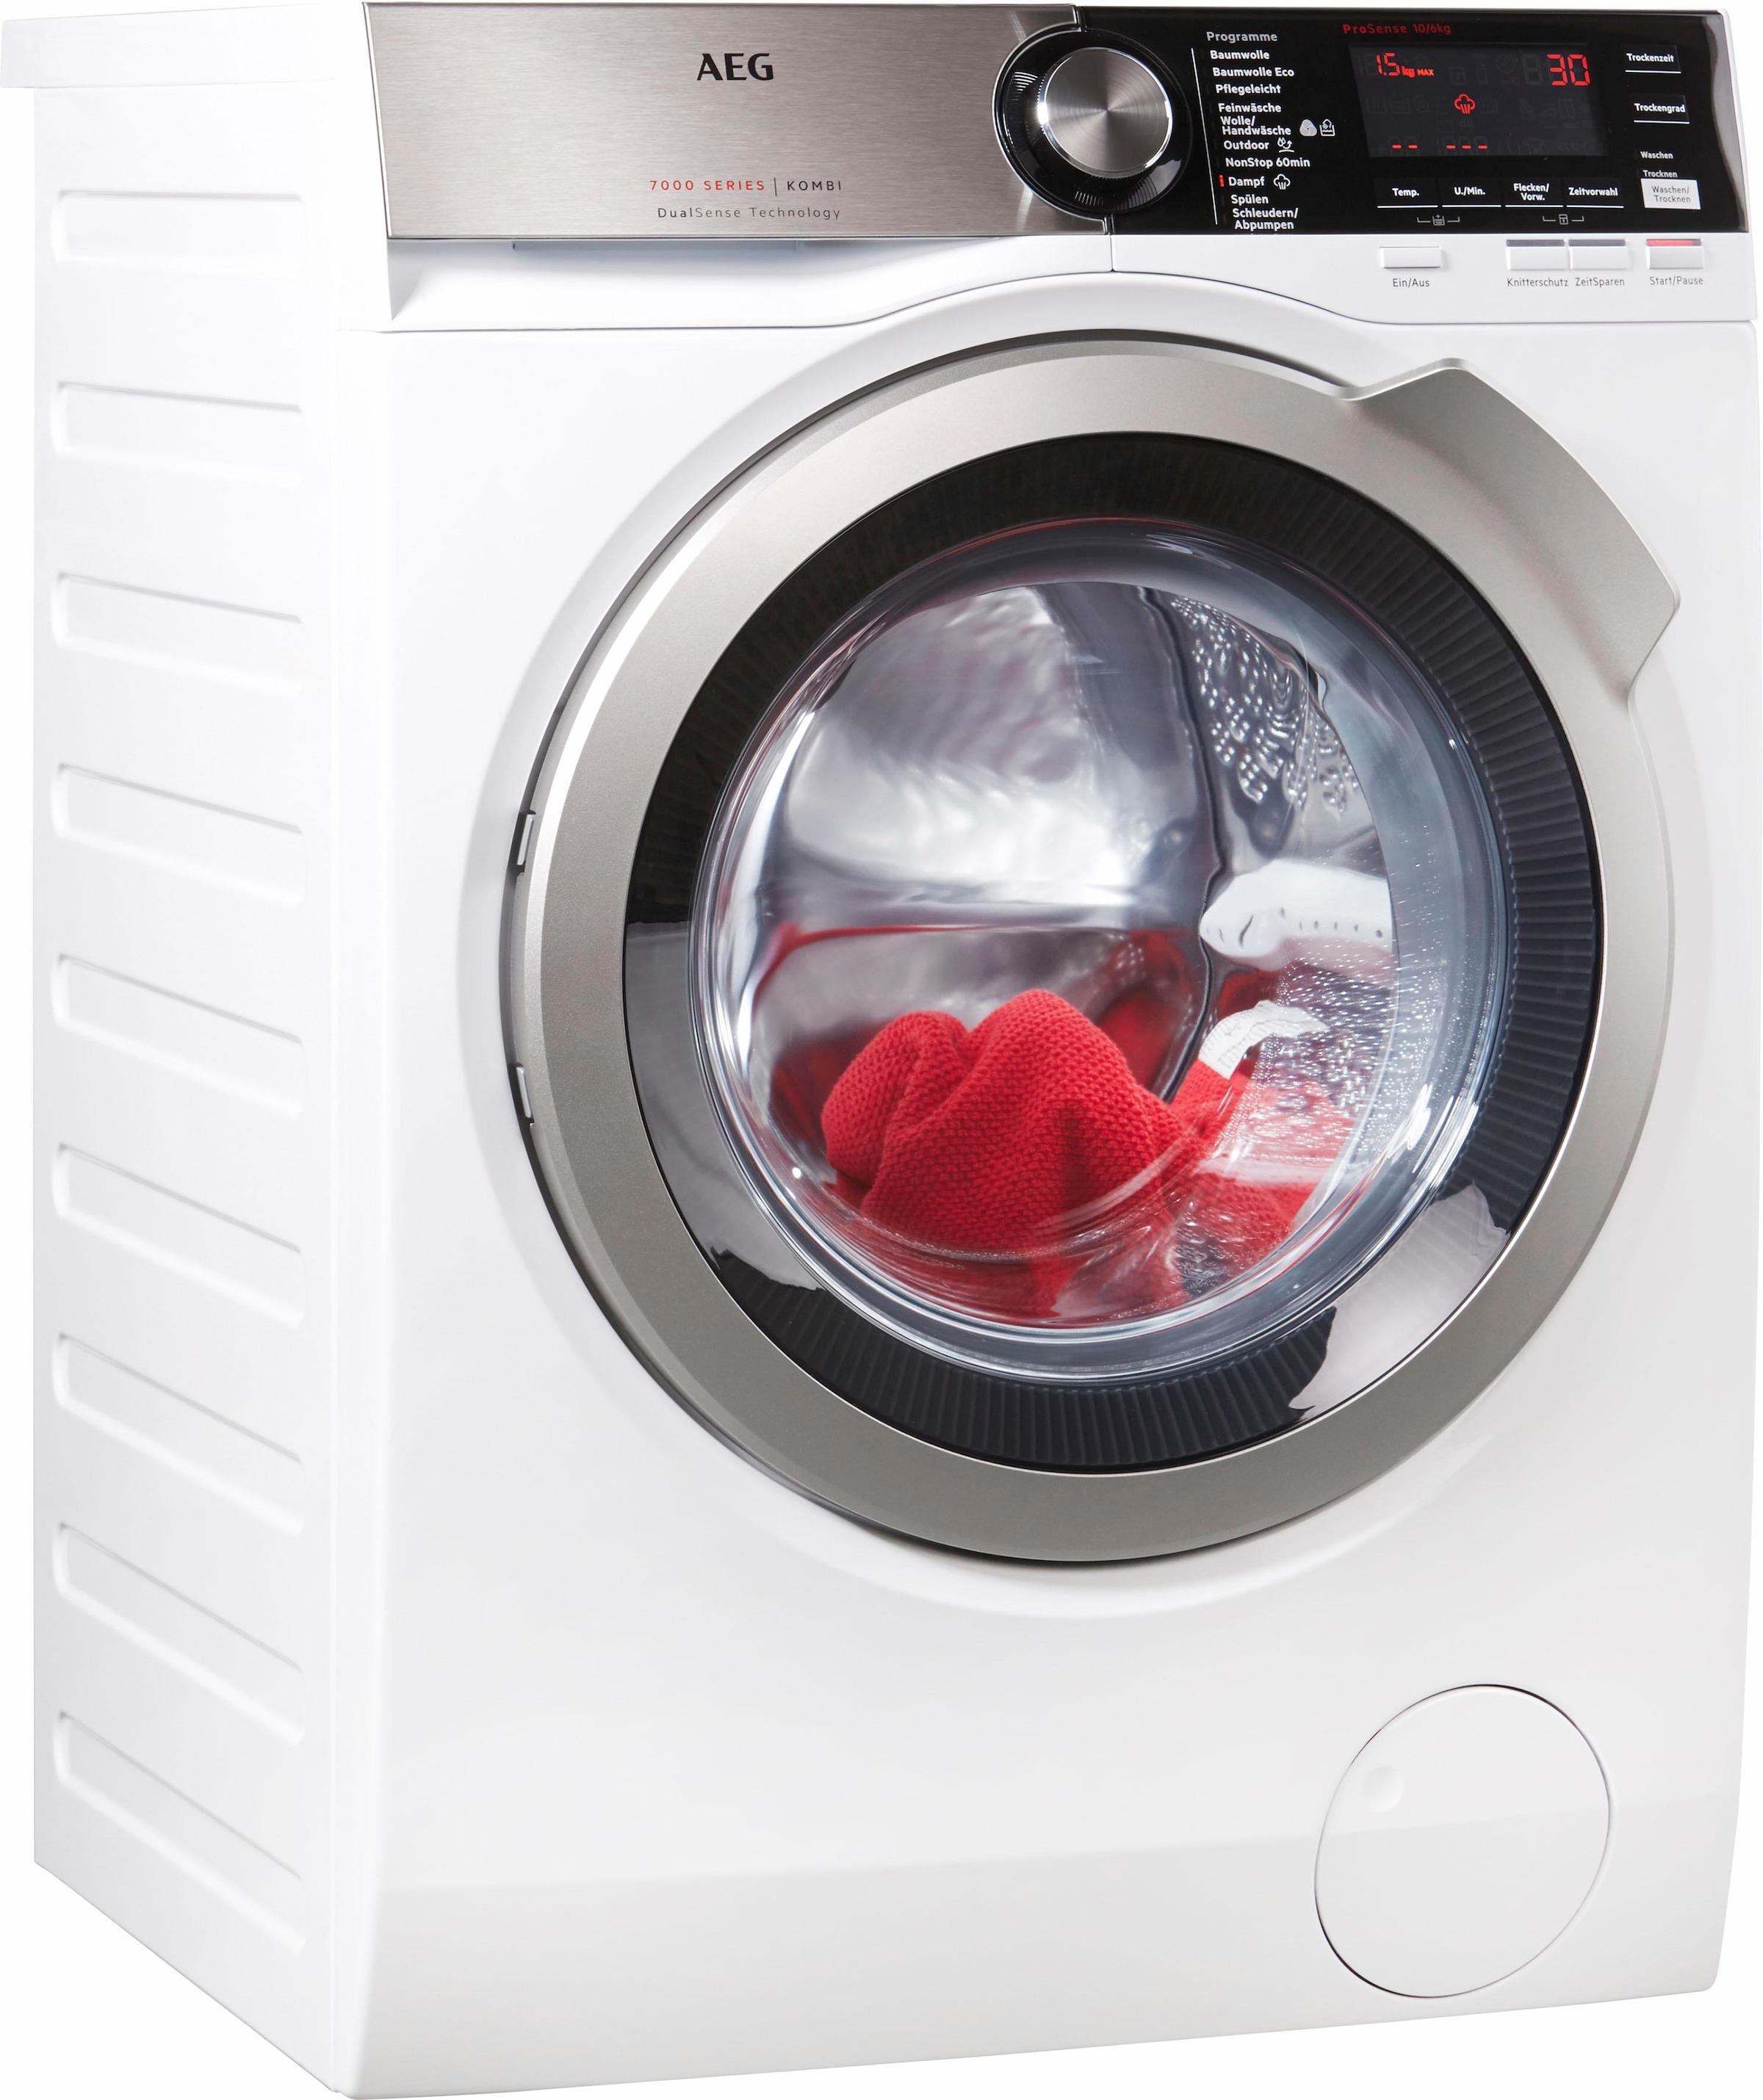 Hoover Kg Waschtrockner In : Waschtrockner im online shop kaufen rechnung raten baur